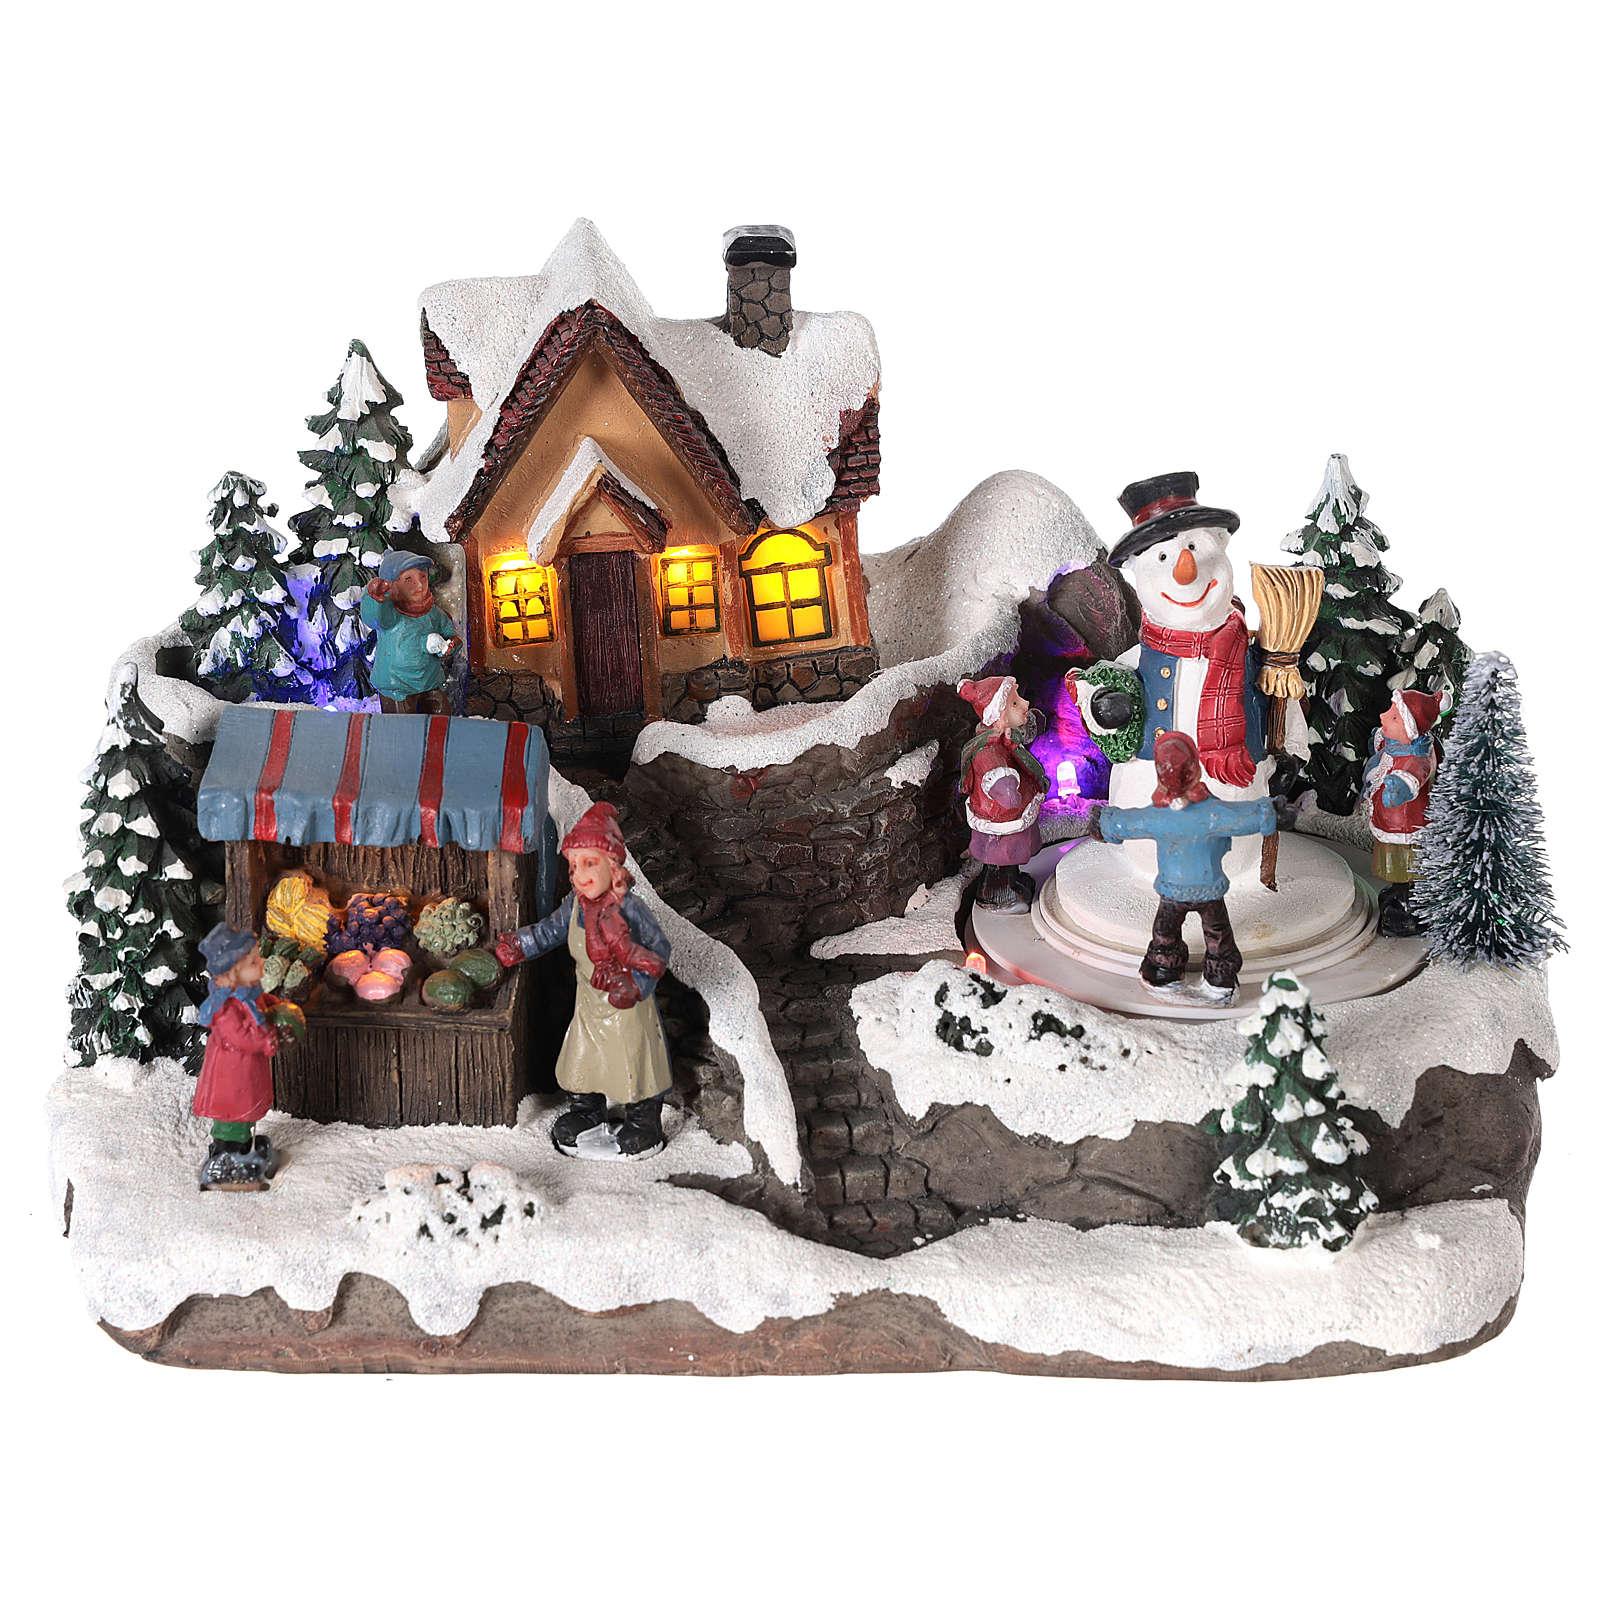 Aldea de navidad niño y hombre de nieve en movimiento iluminado 25x15x15 3